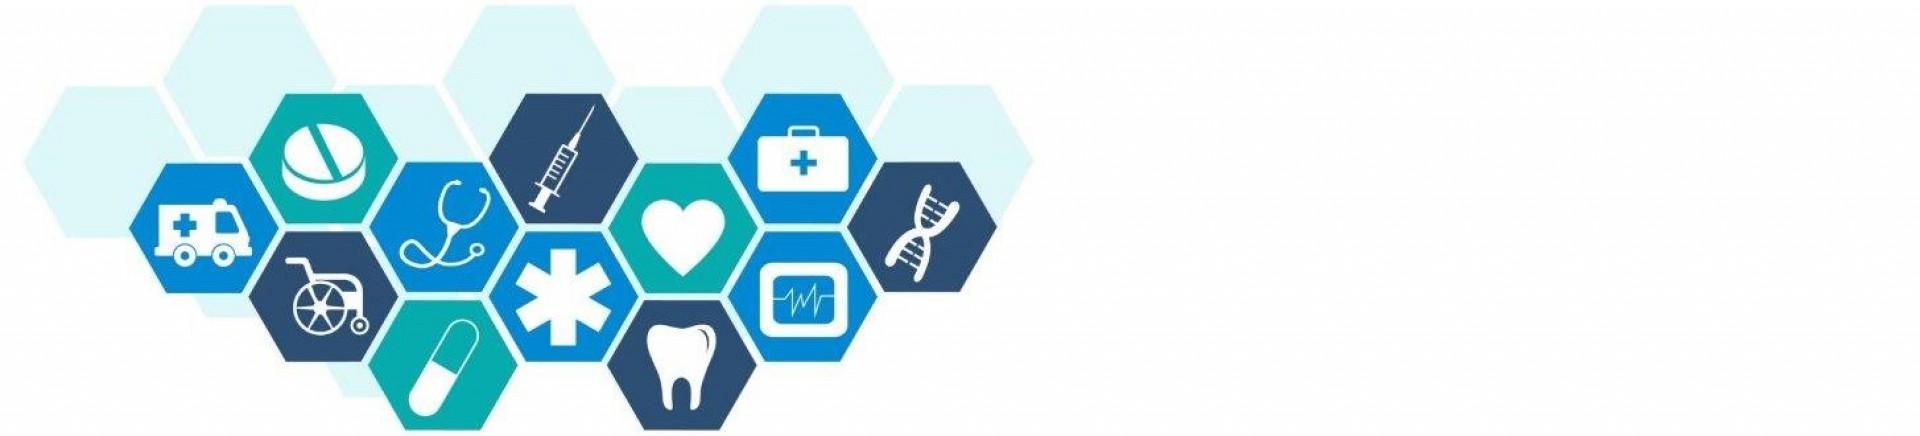 Medycyna Pracy - zdrowie Twoich pracowników jest w dobrych rękach